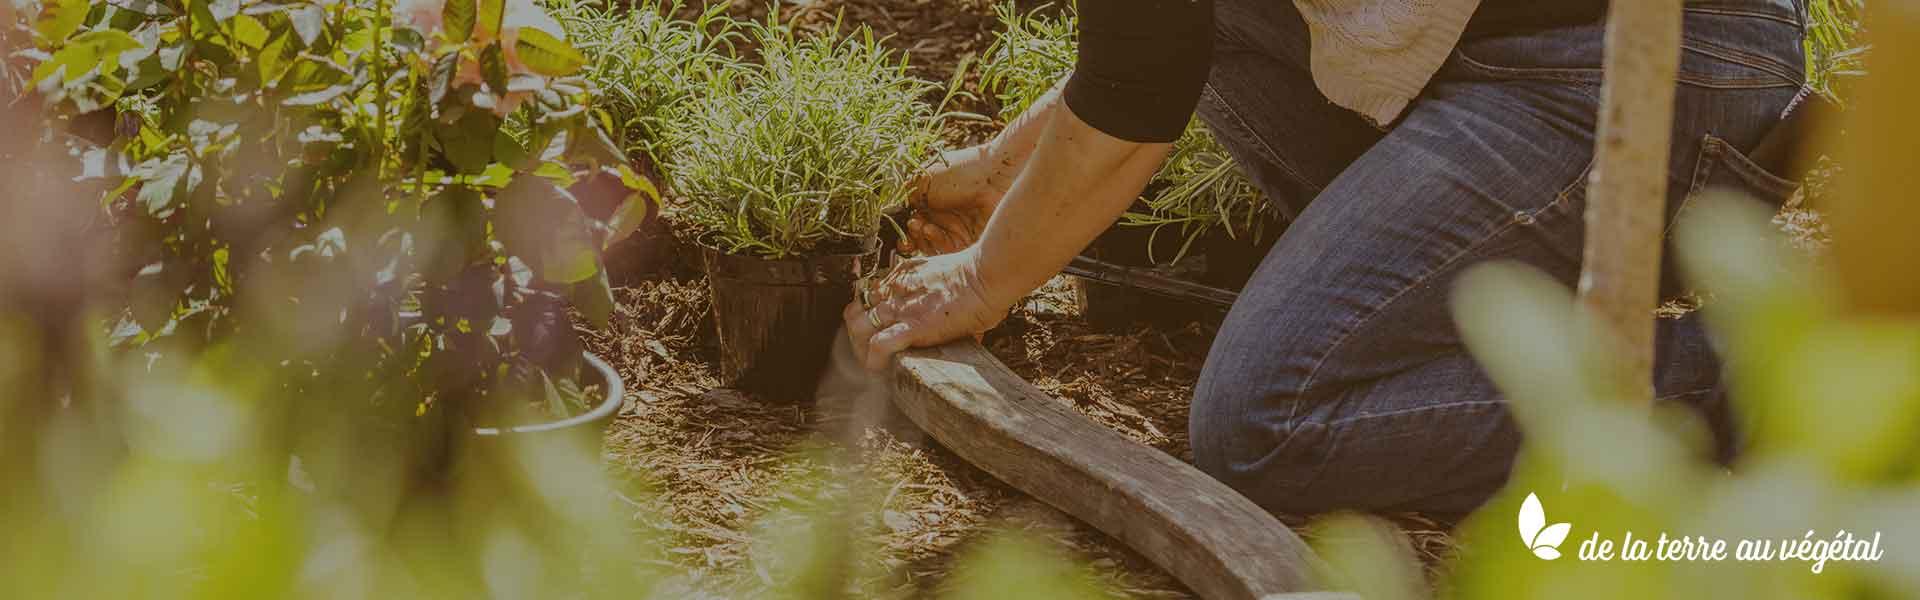 Terra Veggie, de la terre au végétal